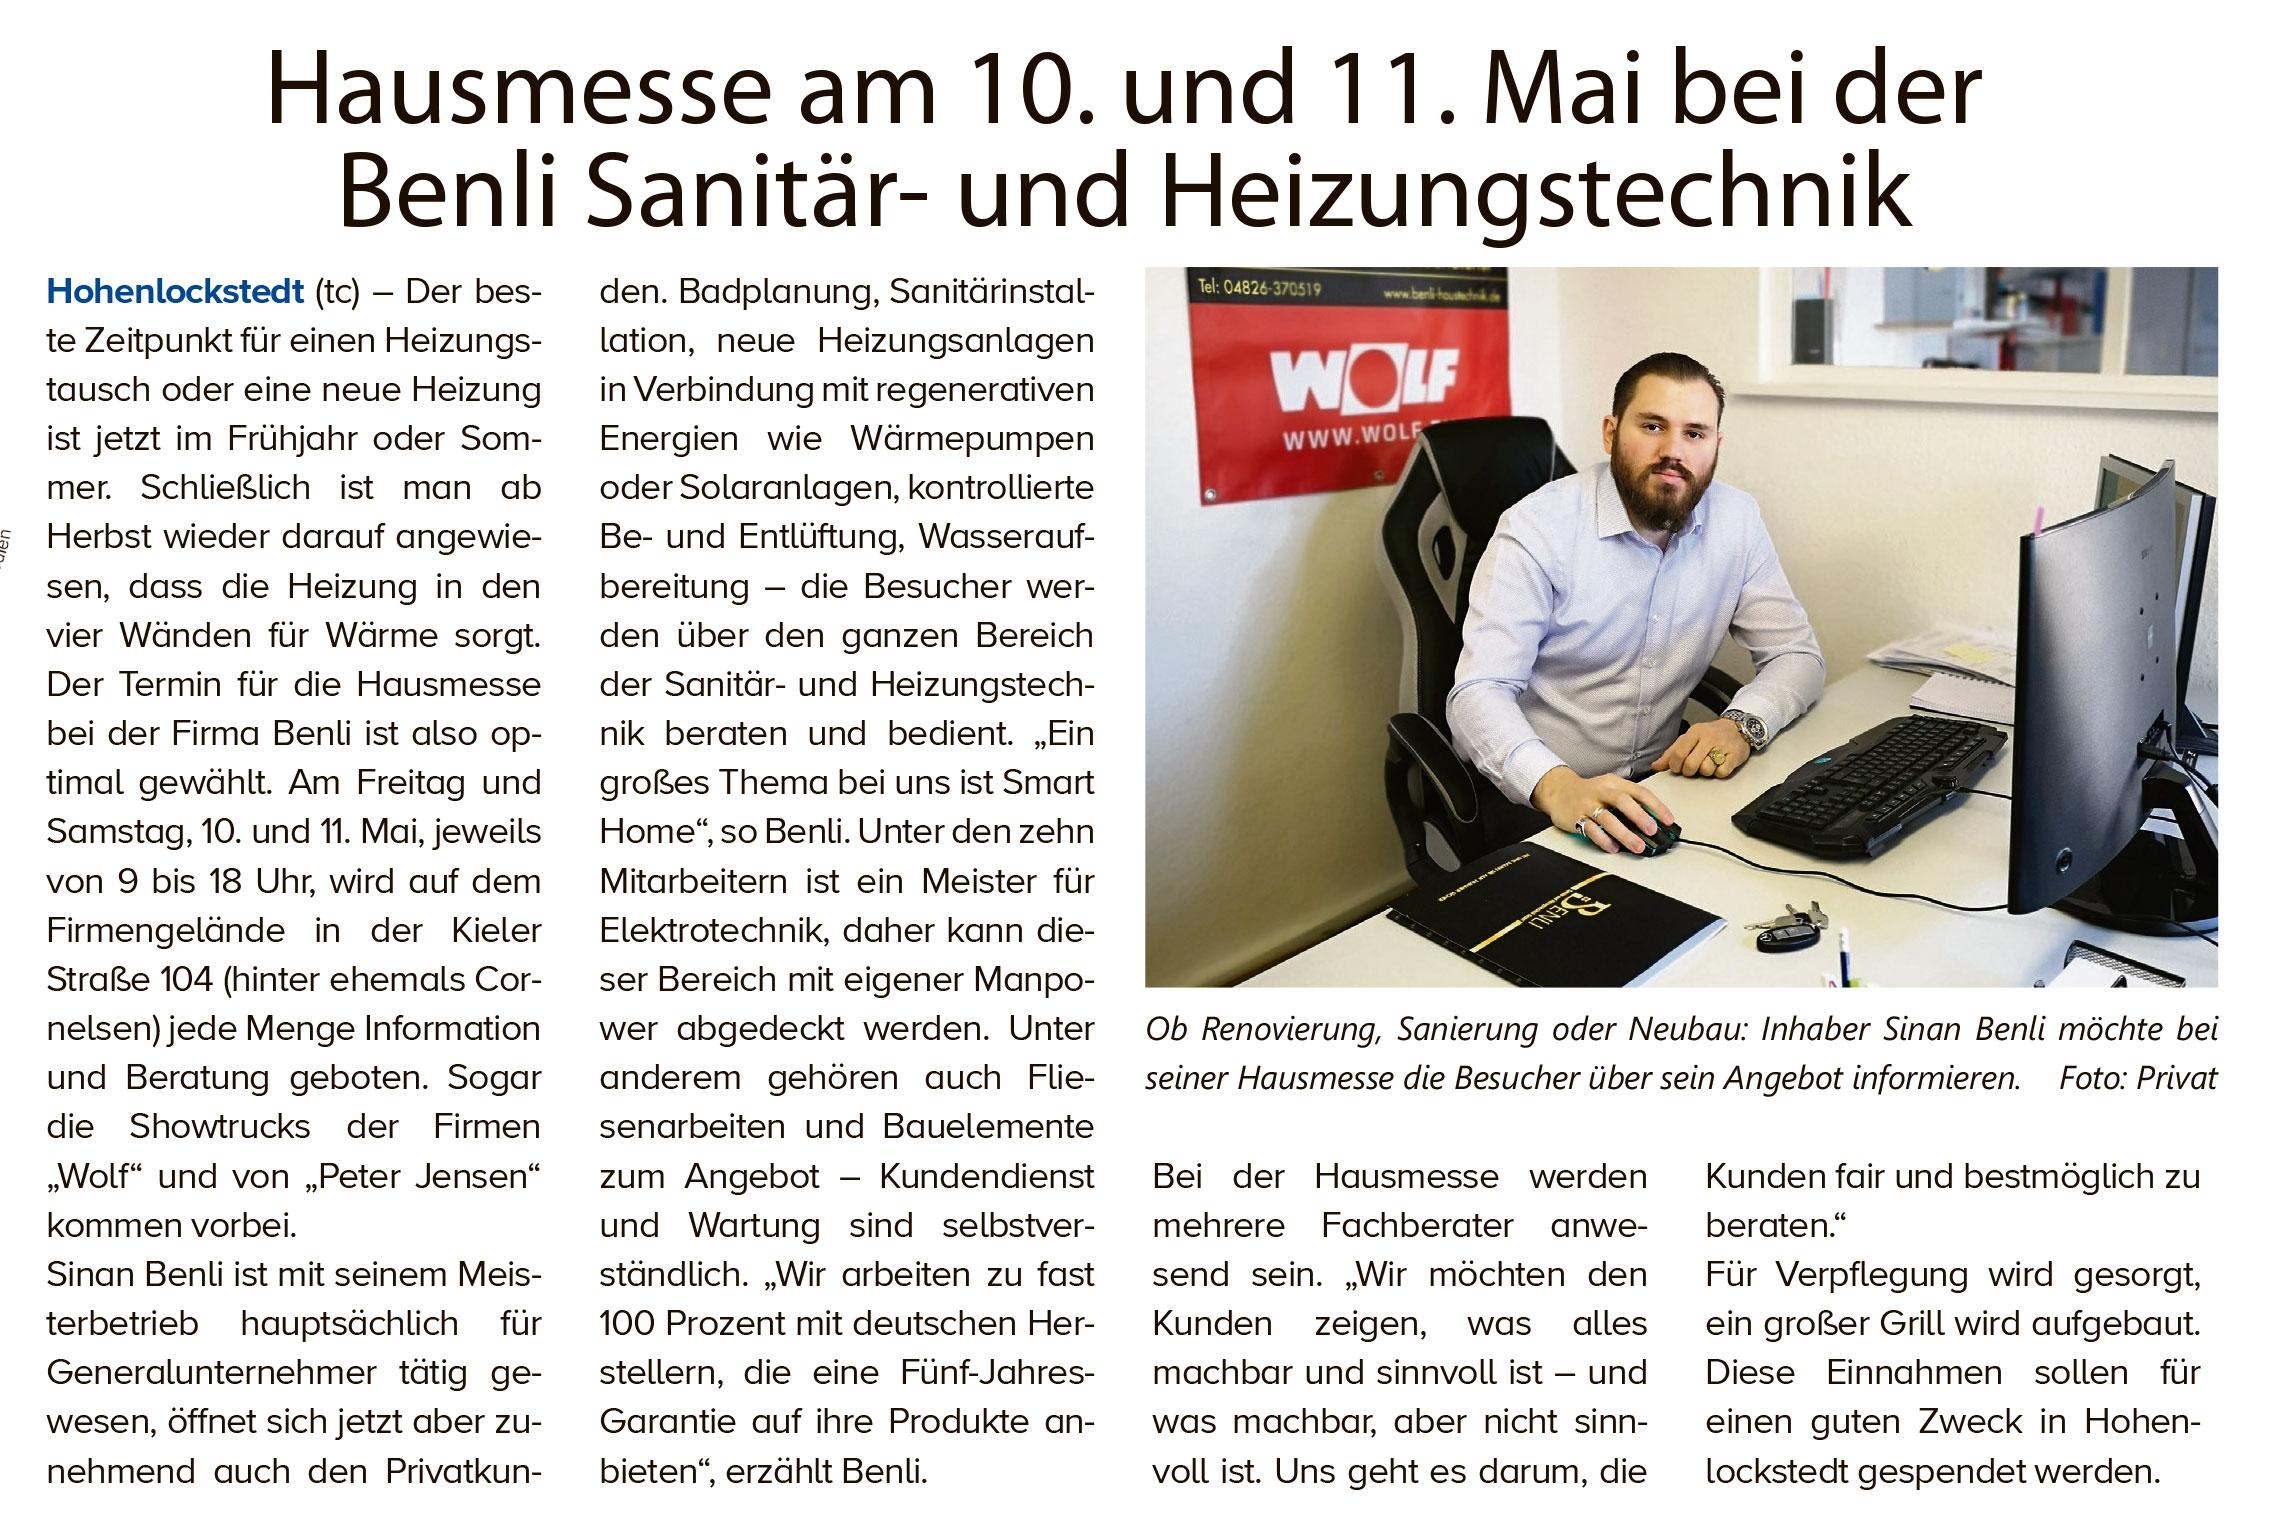 benli_sanitaertechnik_heizungstechnik_haustechnik_hohenlockstedt_anzeiger